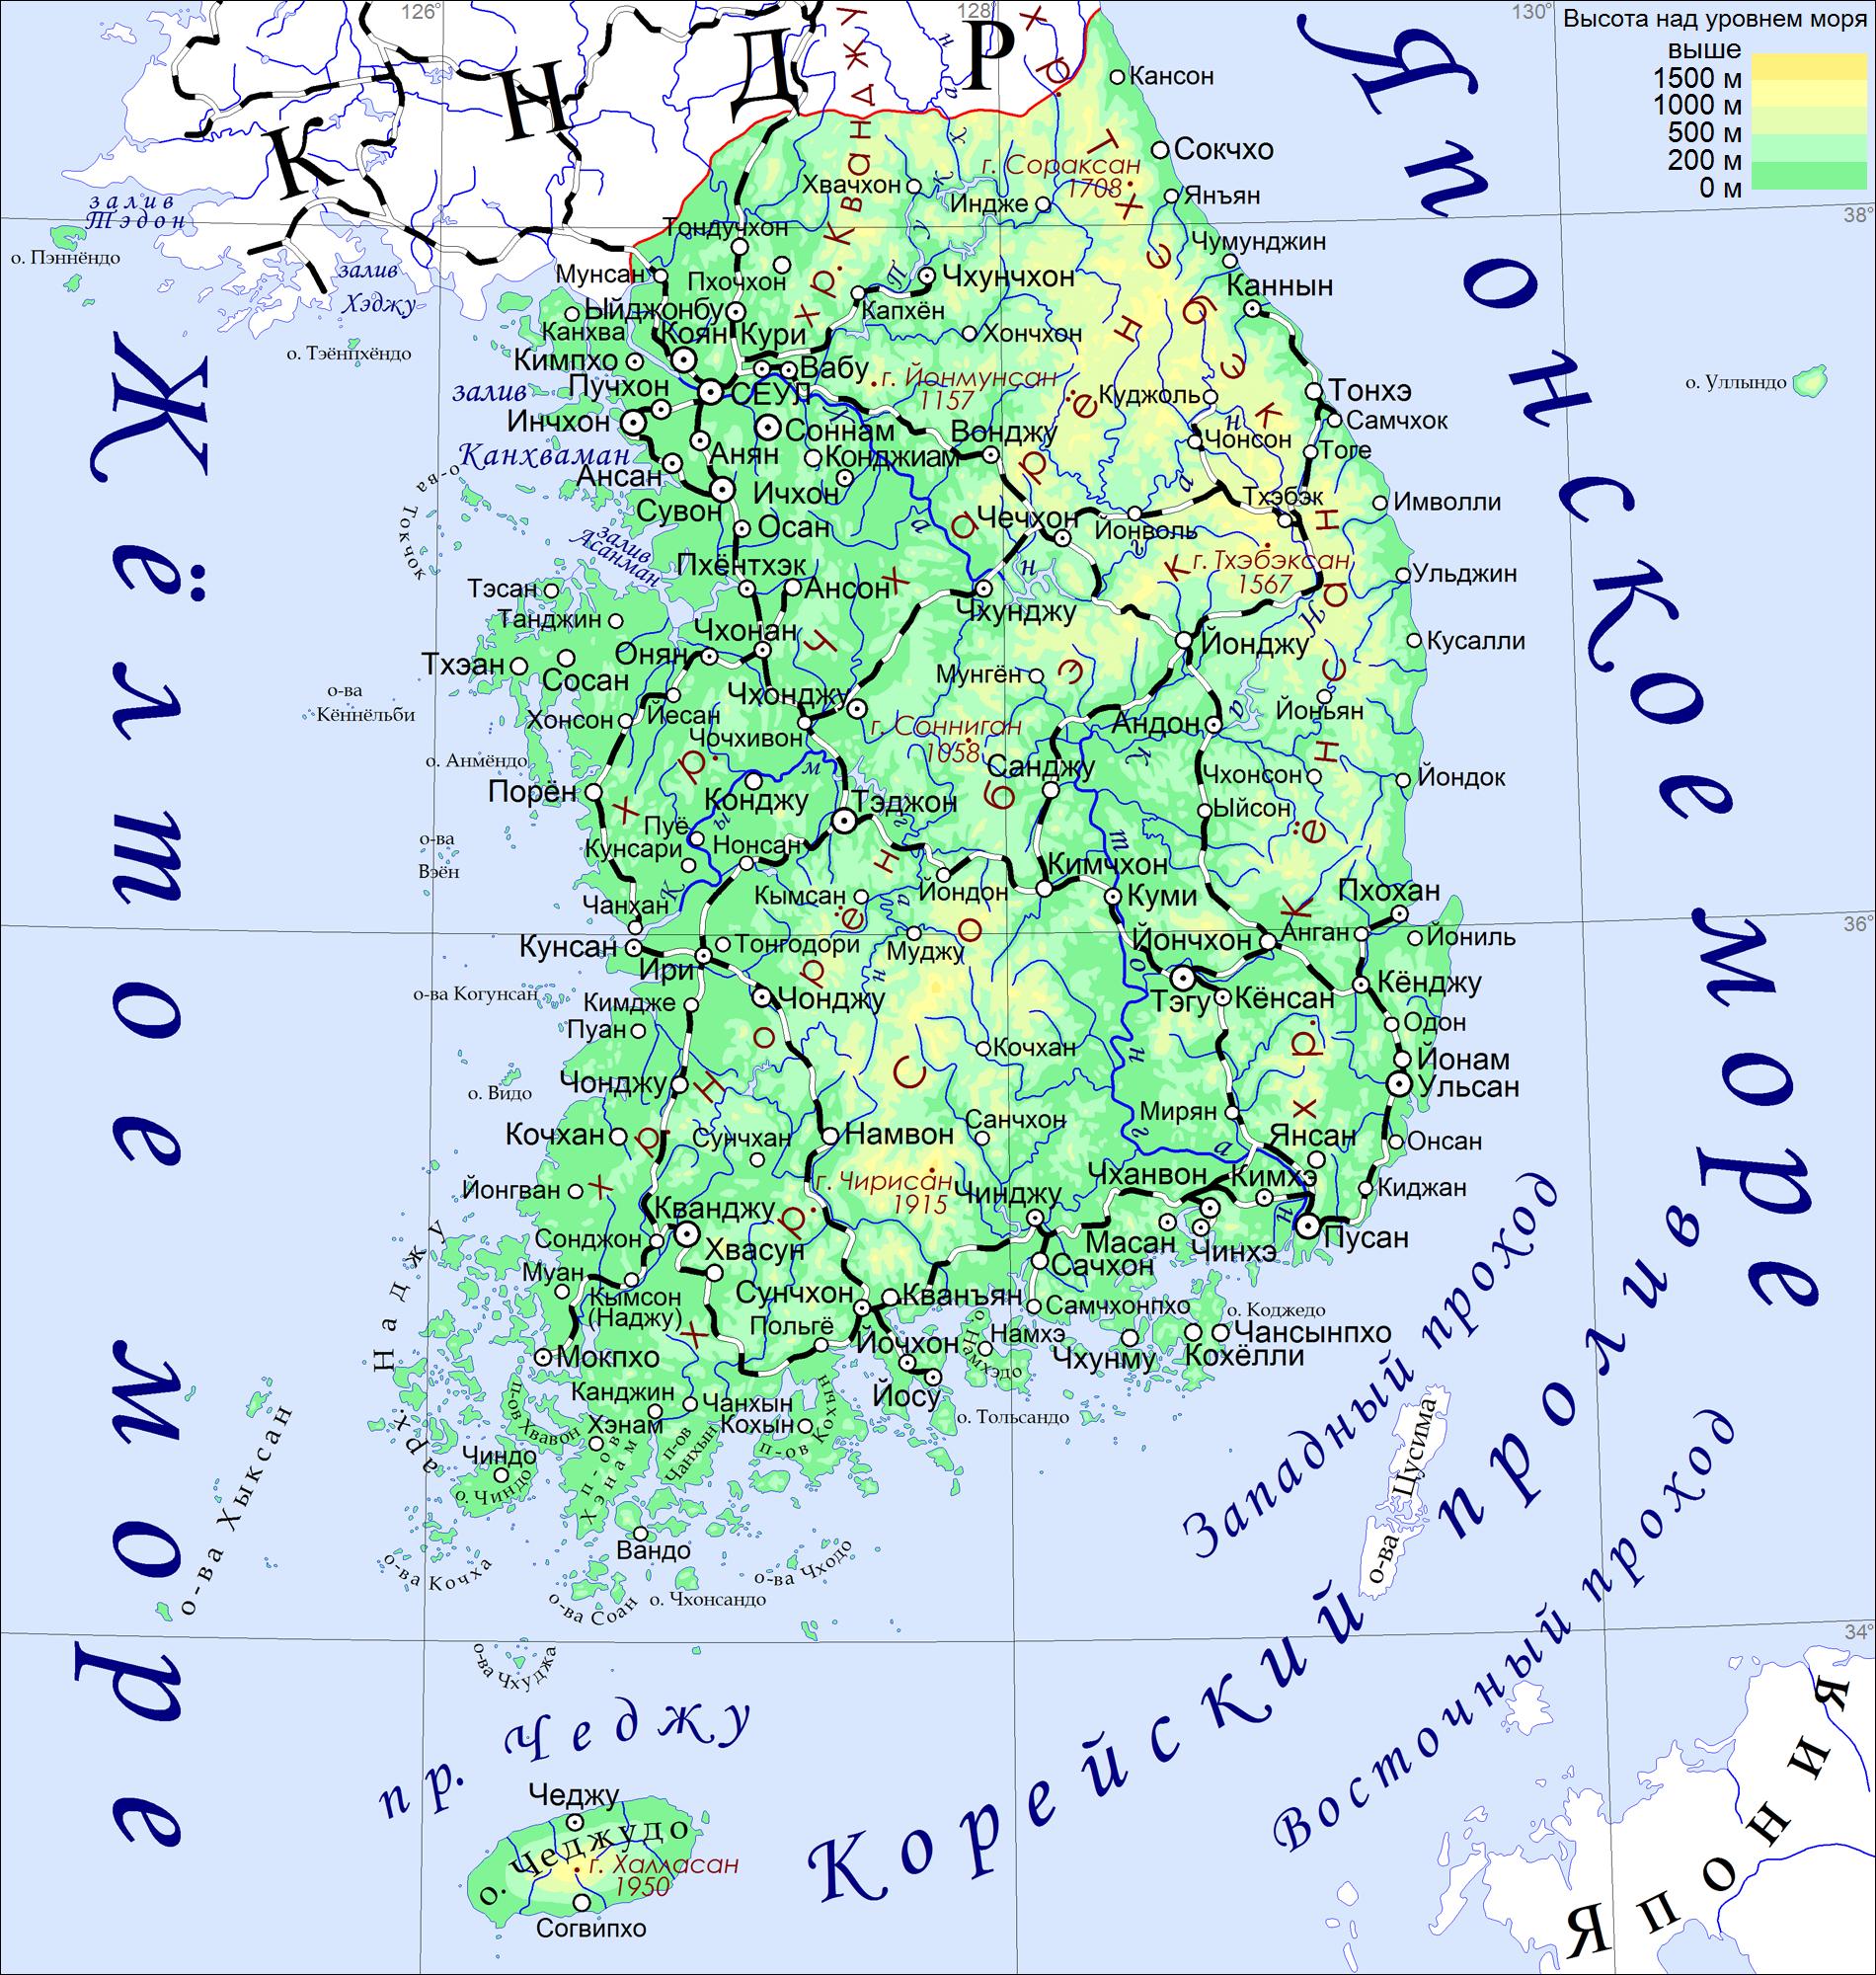 Республика Корея Википедия Физическая карта Республики Корея